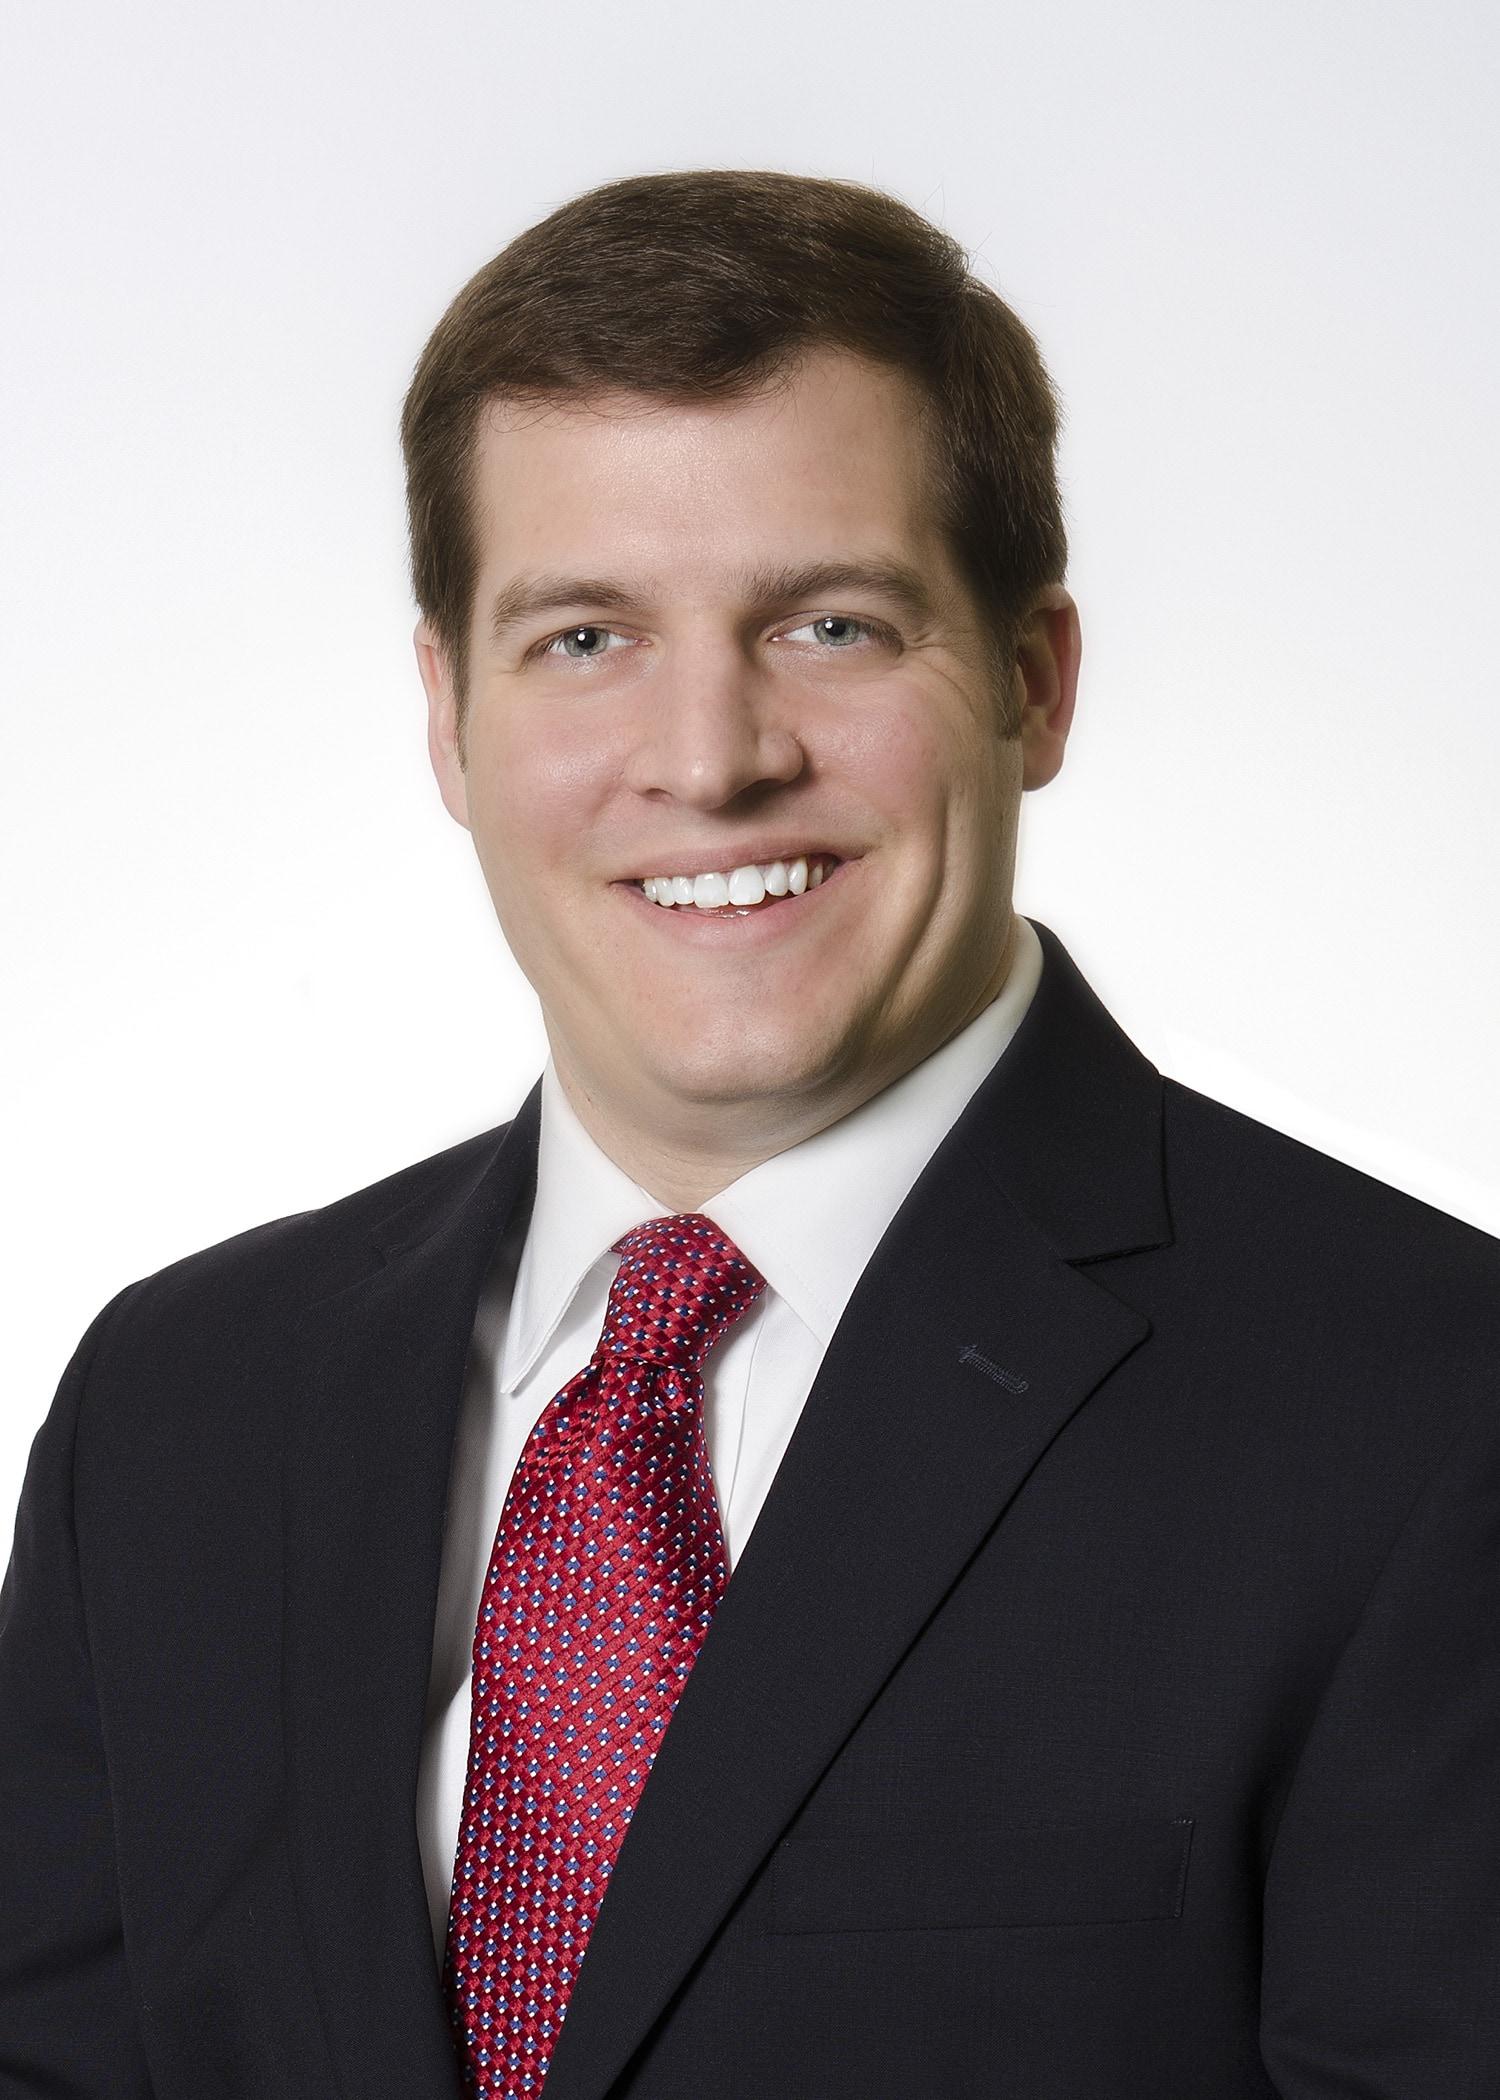 Buddy Advocate Mentor (BAM) Program - Virginia Accounting Careers